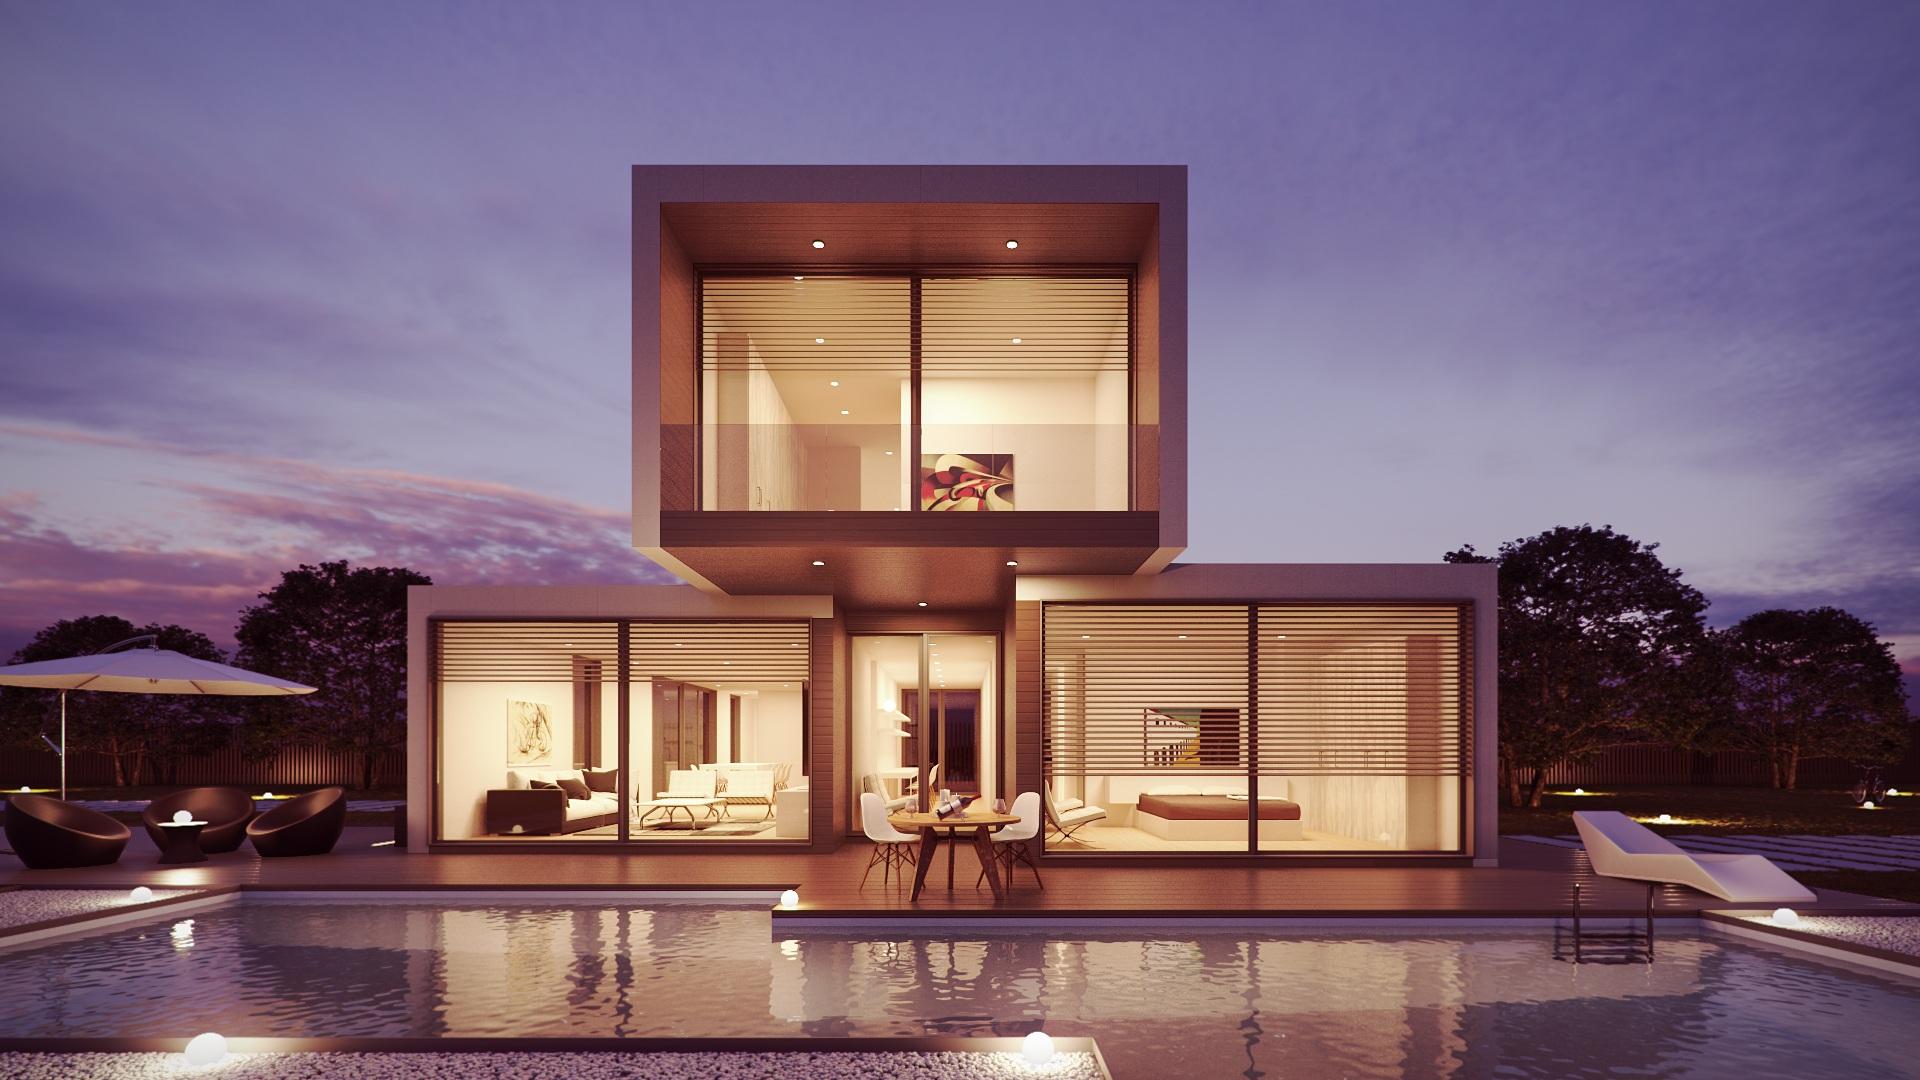 Sfondi architettura interno casa moderno interior for Architettura interni case